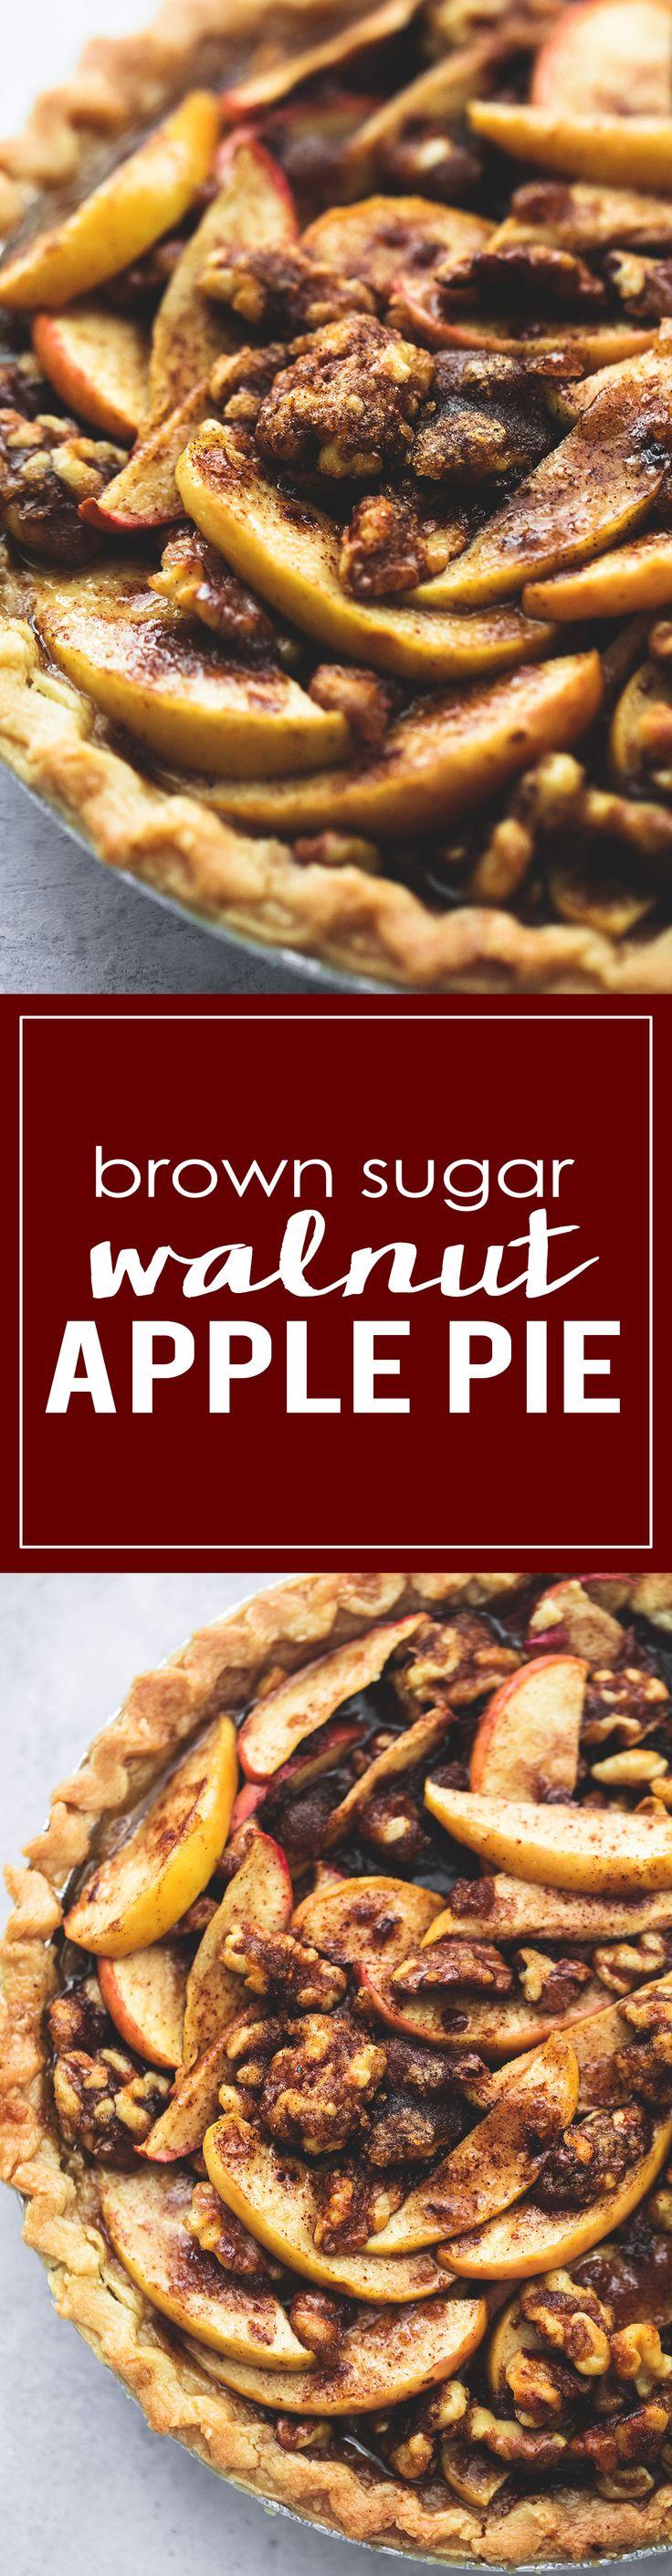 Brown Sugar Walnut Apple Pie | lecremedelacrumb.com